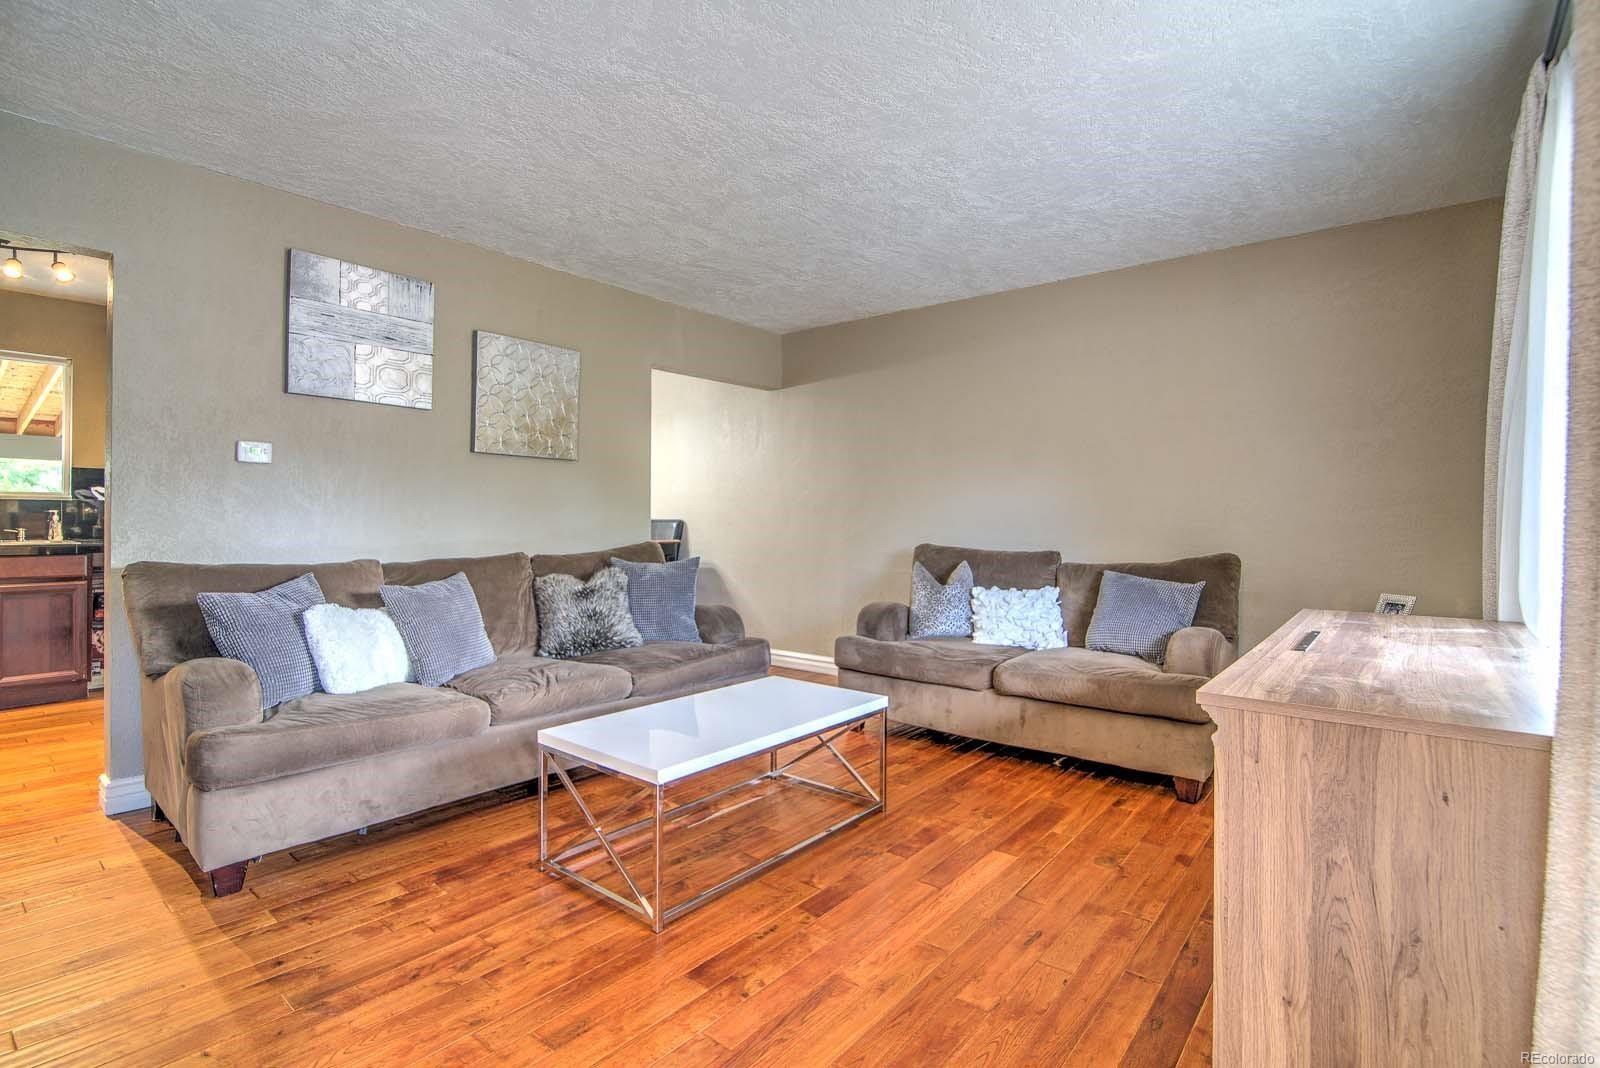 MLS# 4599263 - 4 - 1624 Nueva Vista Drive, Denver, CO 80229